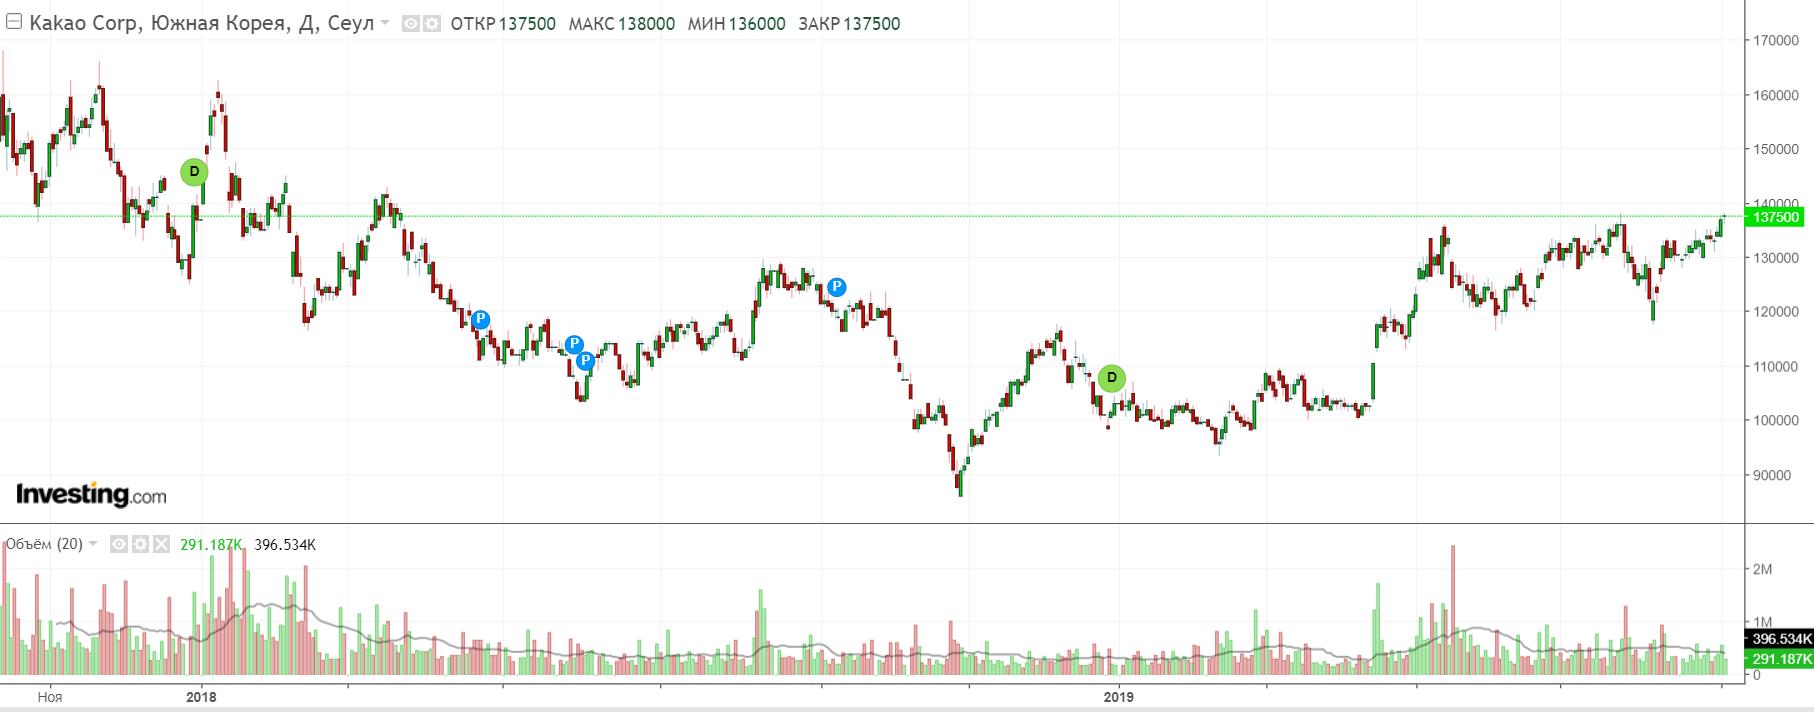 Криптовалюта крупнейшего южнокорейского мессенджера появится на бирже